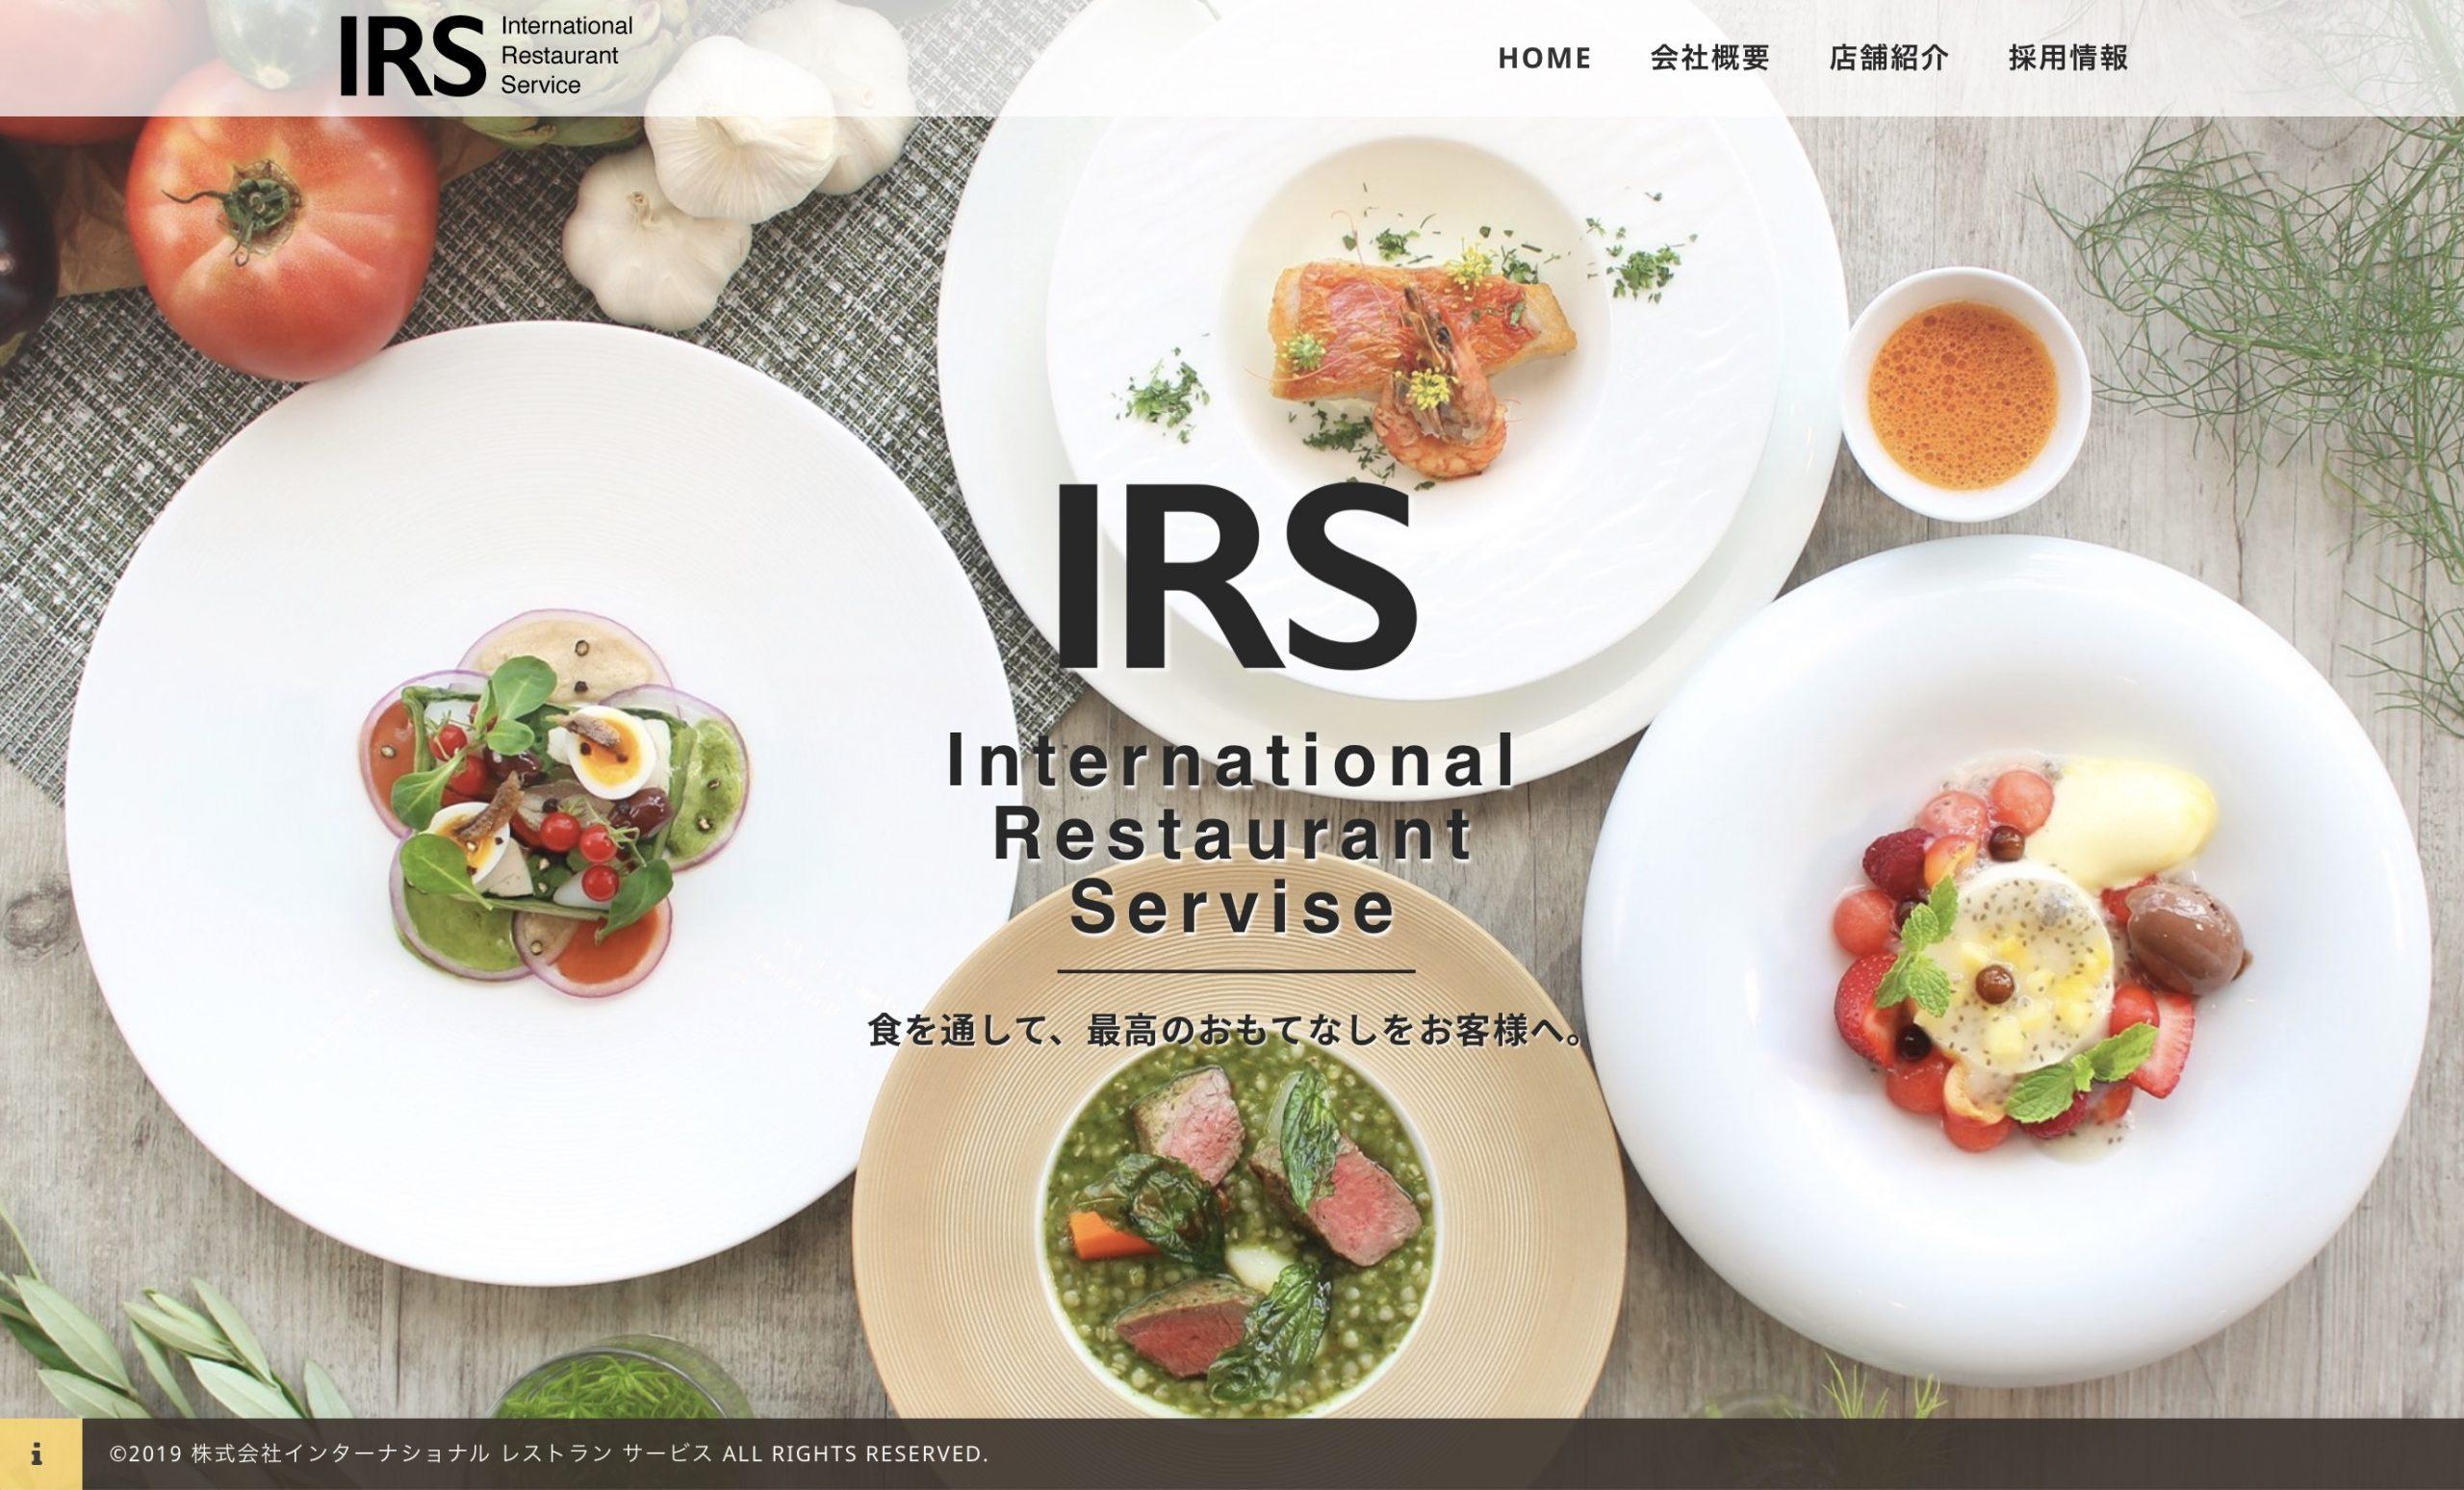 【制作実績】東急グループ 株式会社インターナショナルレストランサービスホームページ